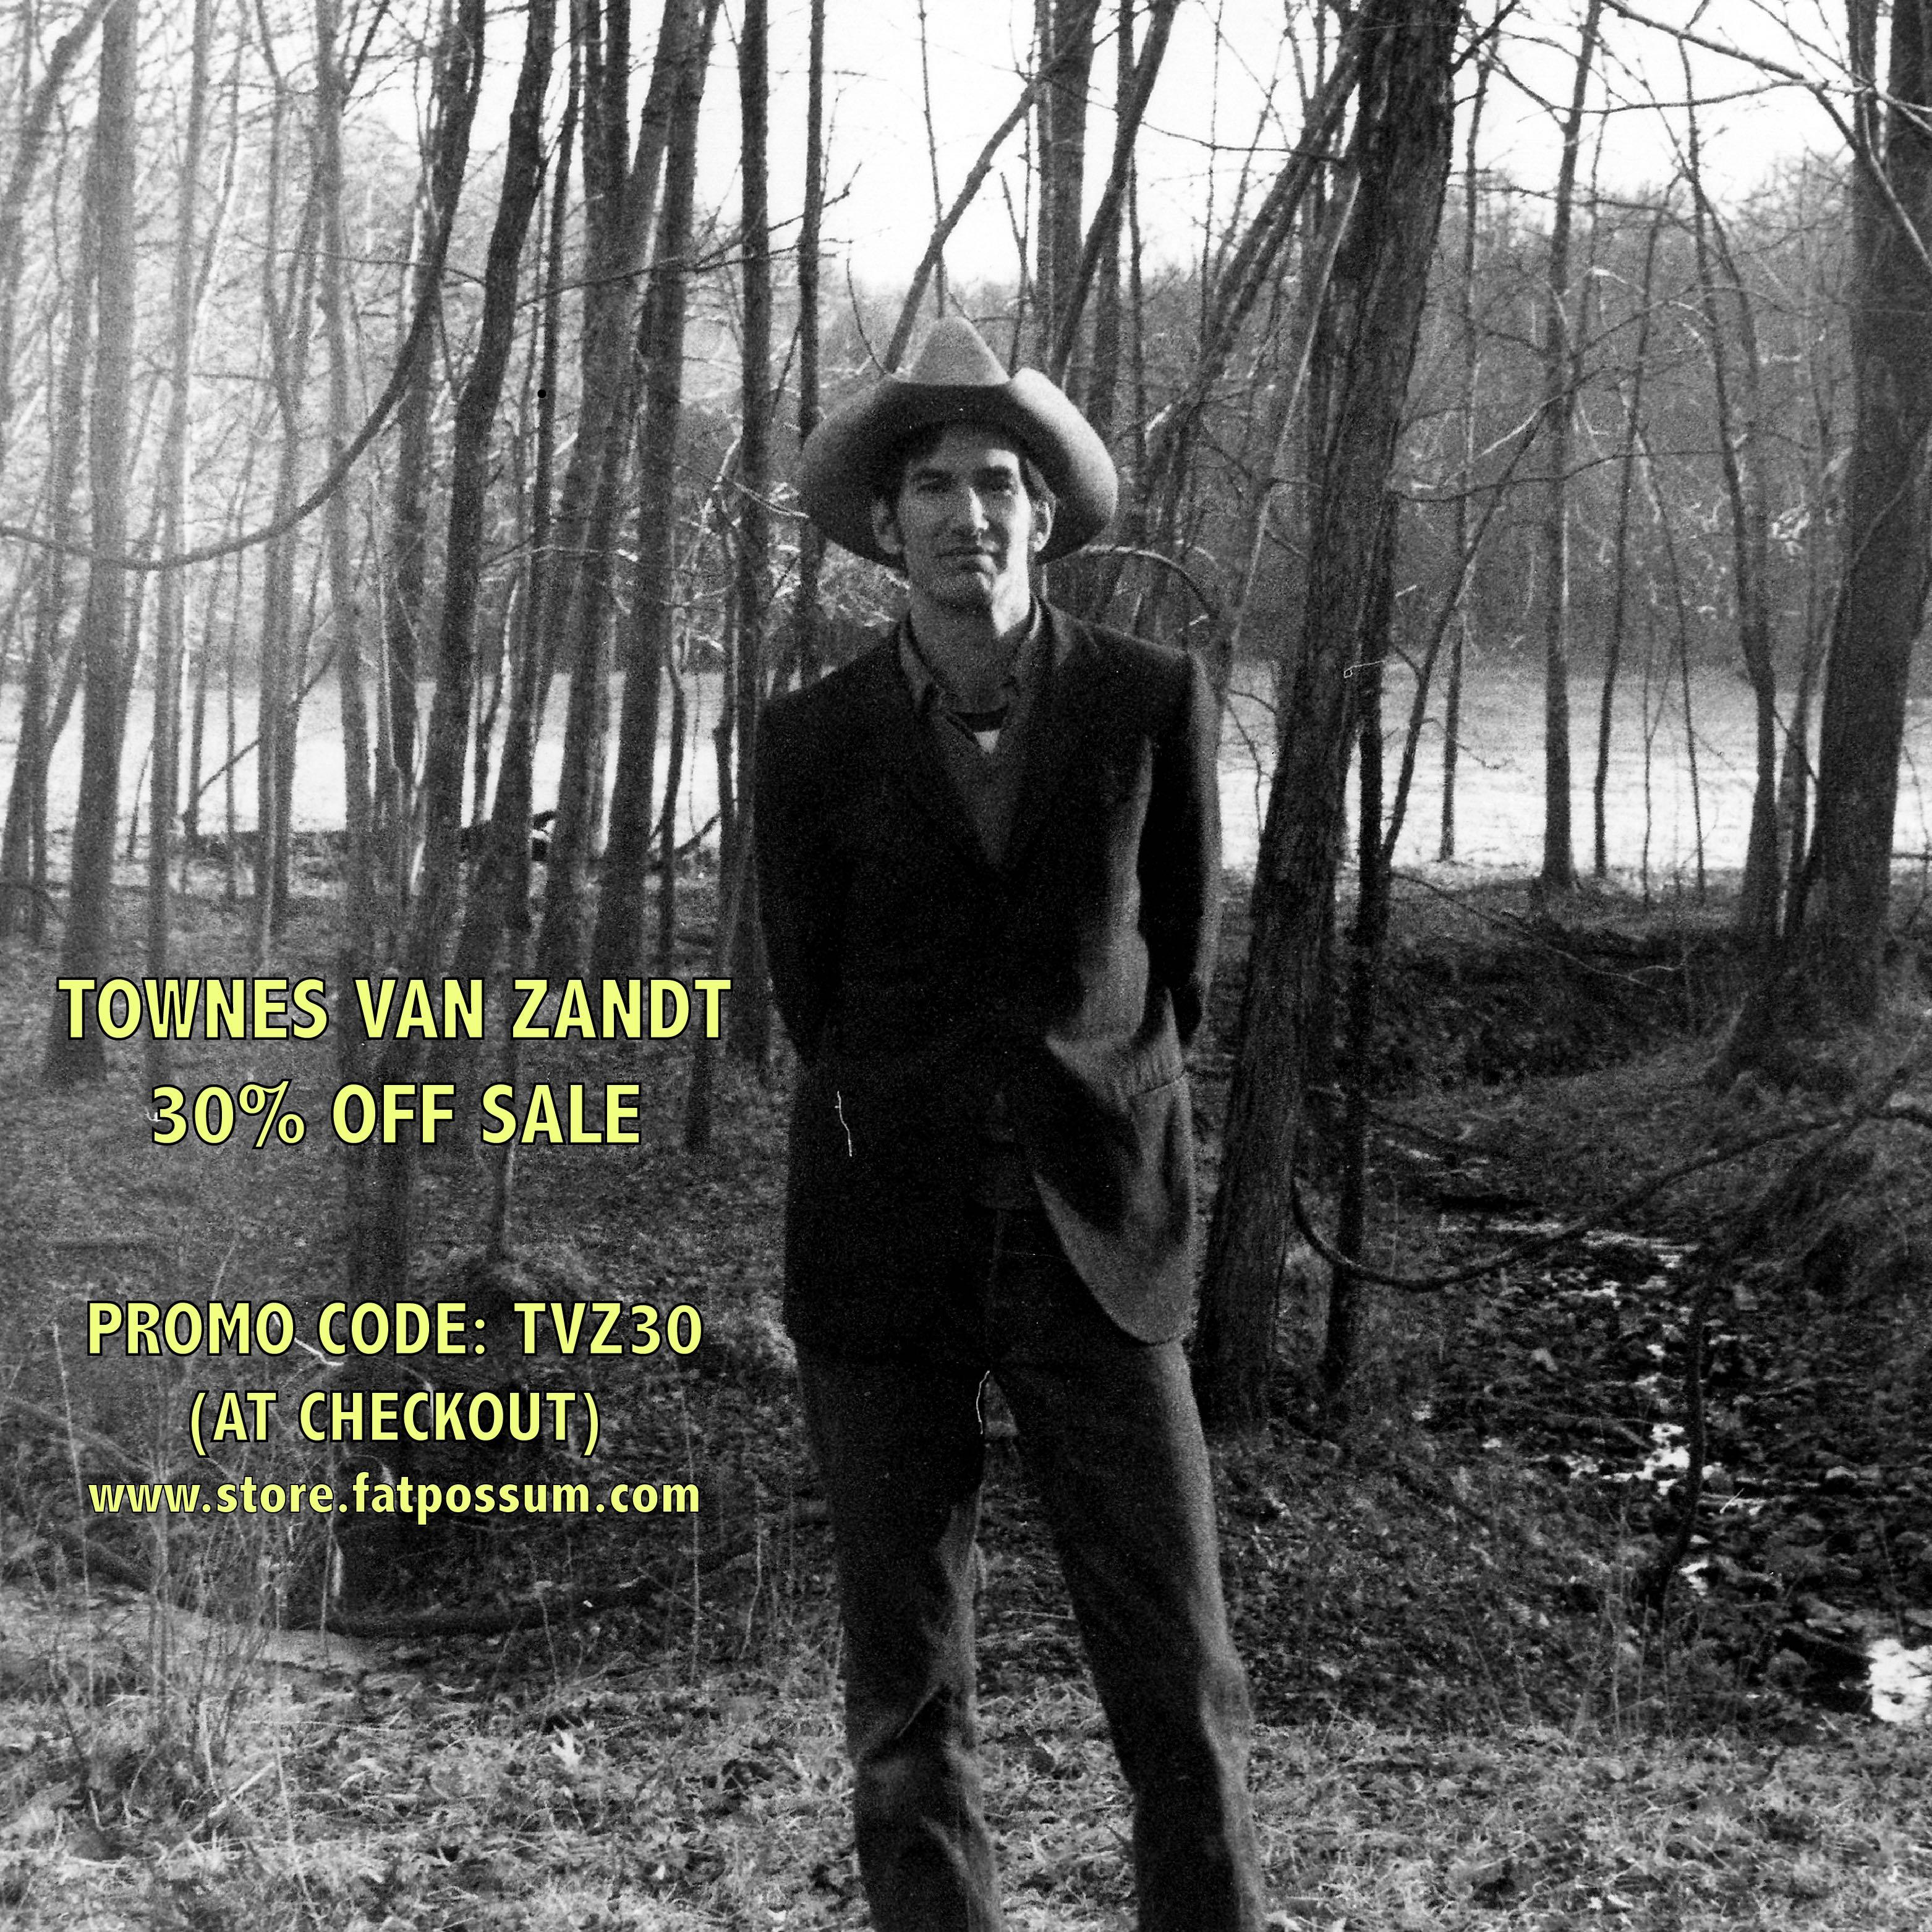 Townes Van Zandt 30 Off Sale Fat Possum Records